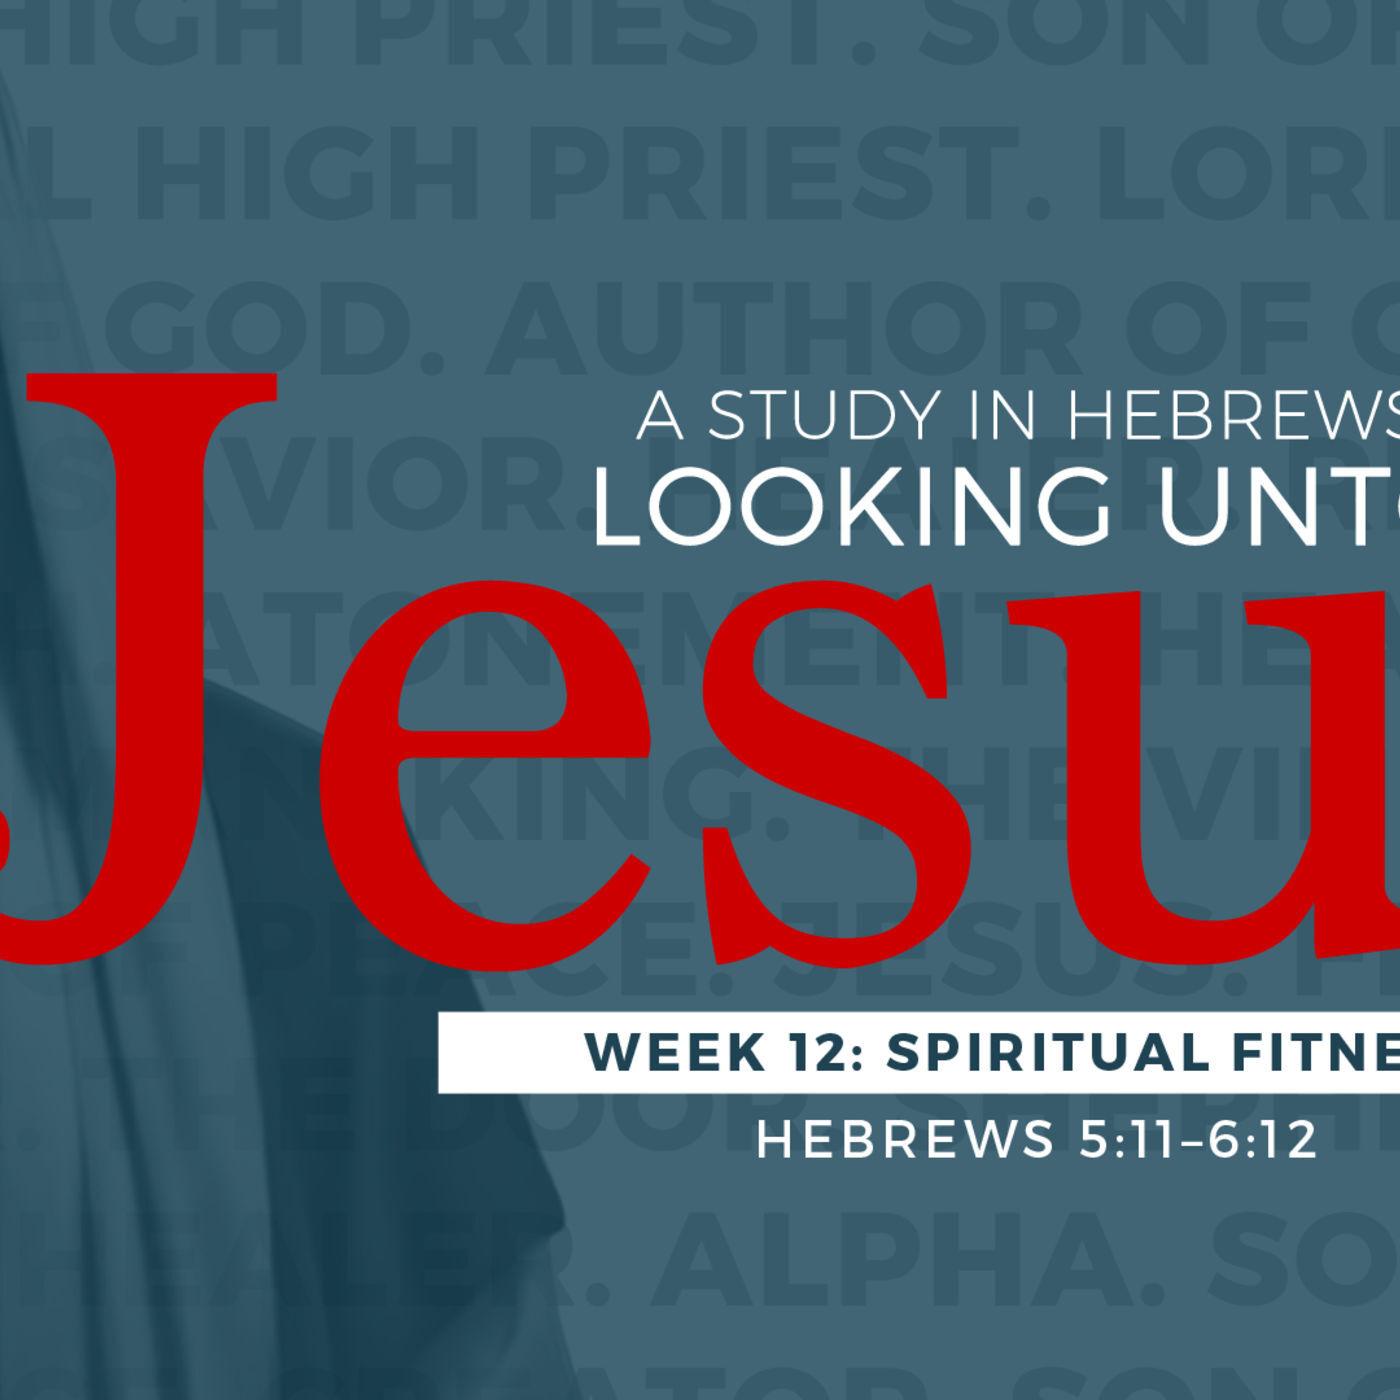 11-5-17 Spiritual Fitness #12 in series on Hebrews Looking